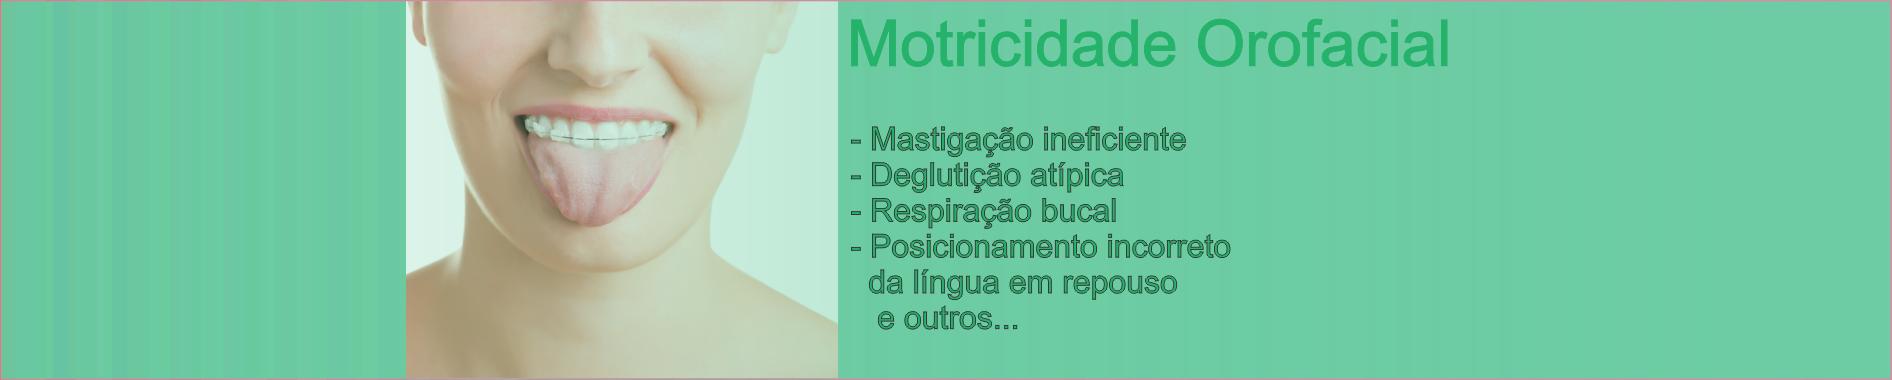 Fonoaudiologa ZN Motricidade (banner)